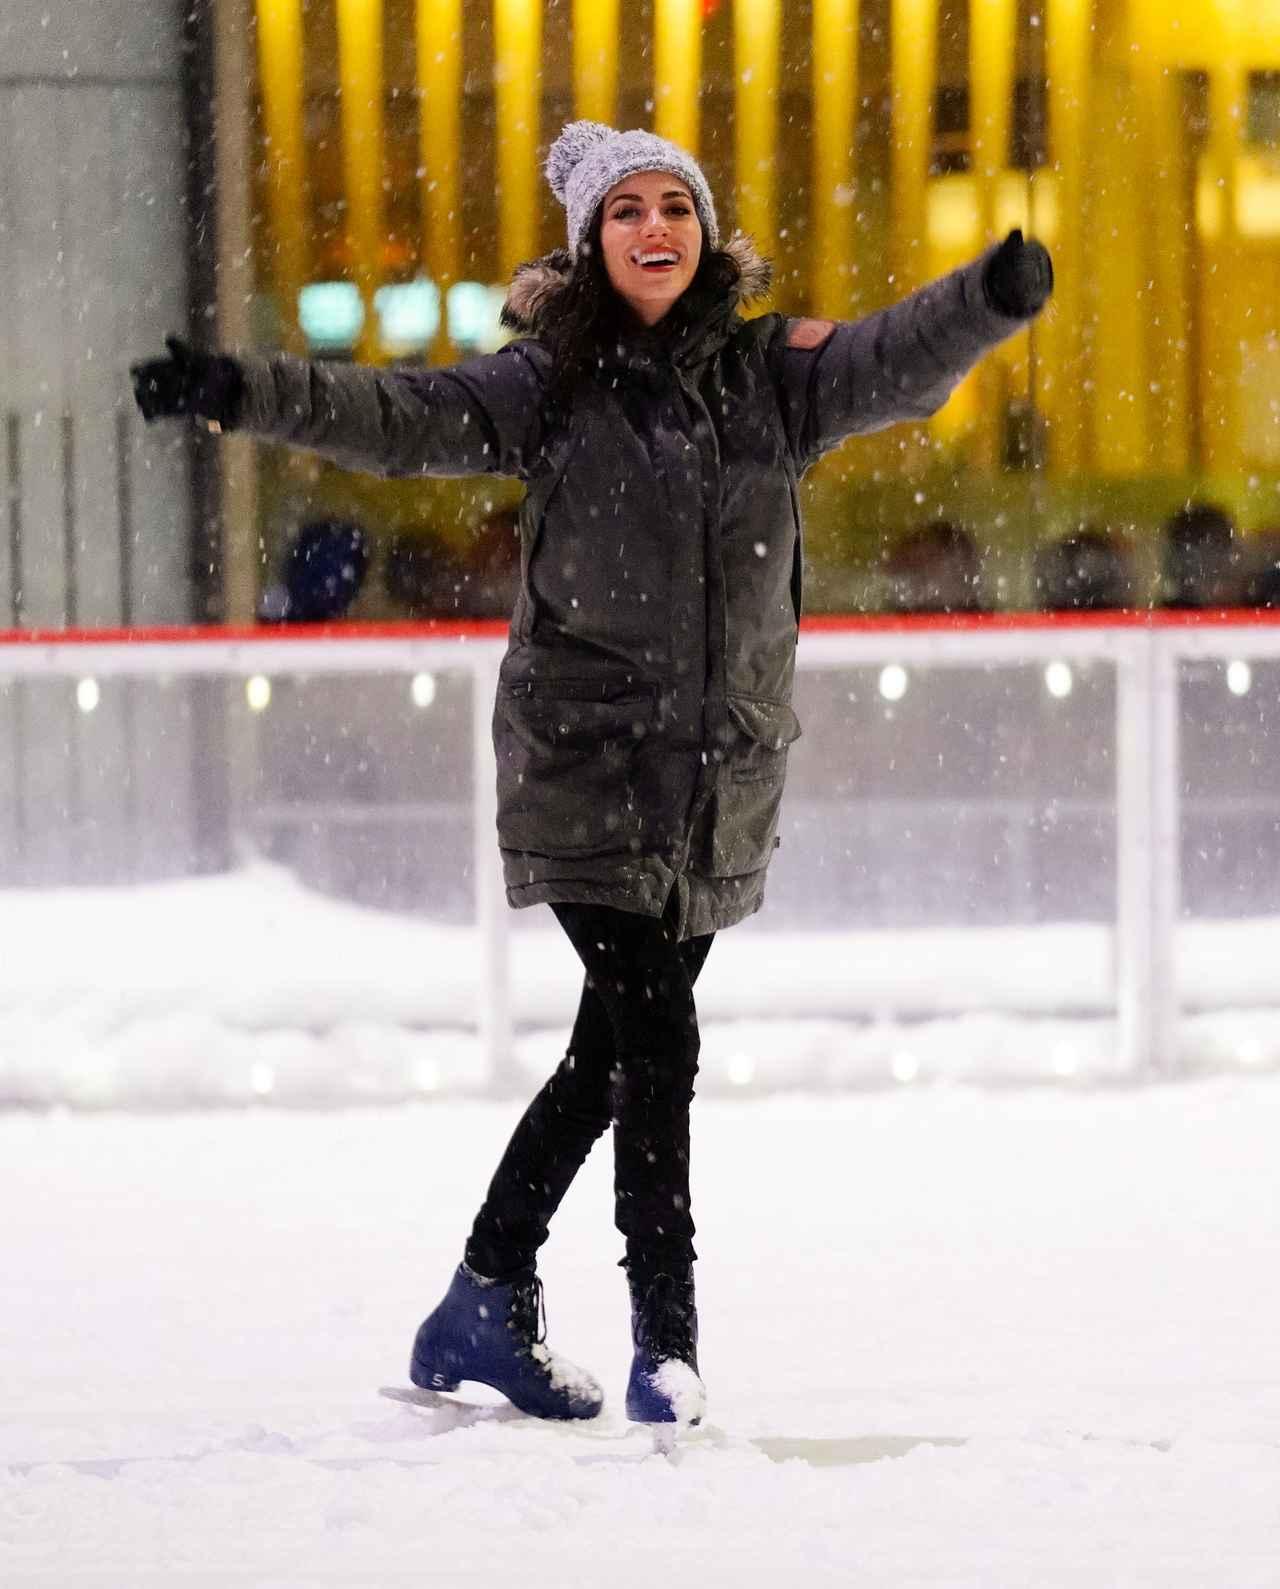 画像1: ヴィクトリア・ジャスティス、スケート場で悲惨な目に